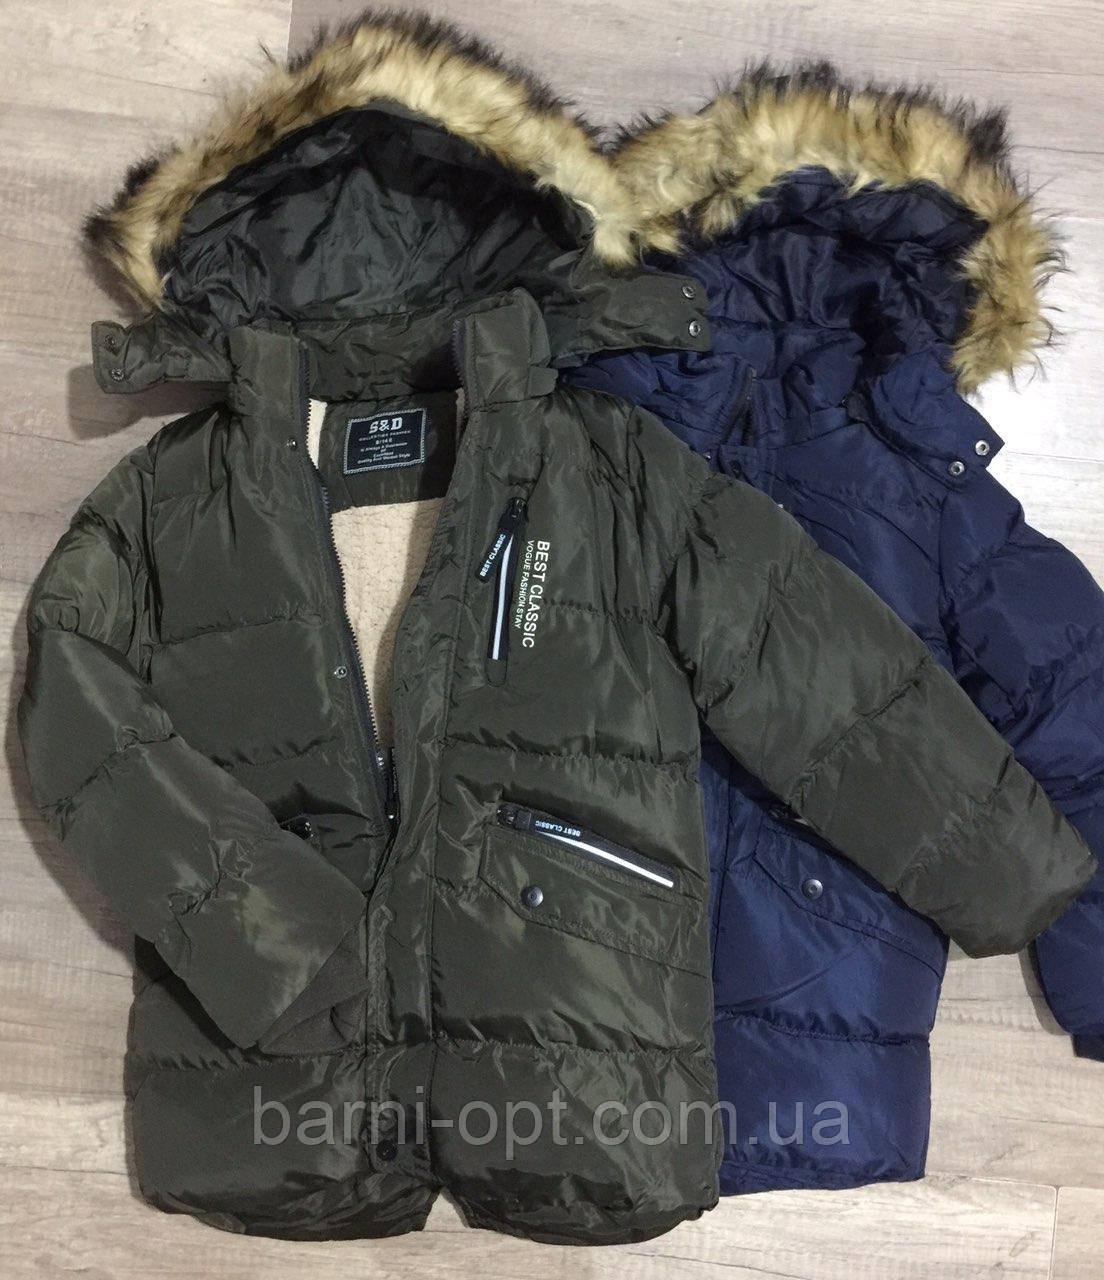 Куртки зимові для хлопчика оптом, S&D, рр 134-164